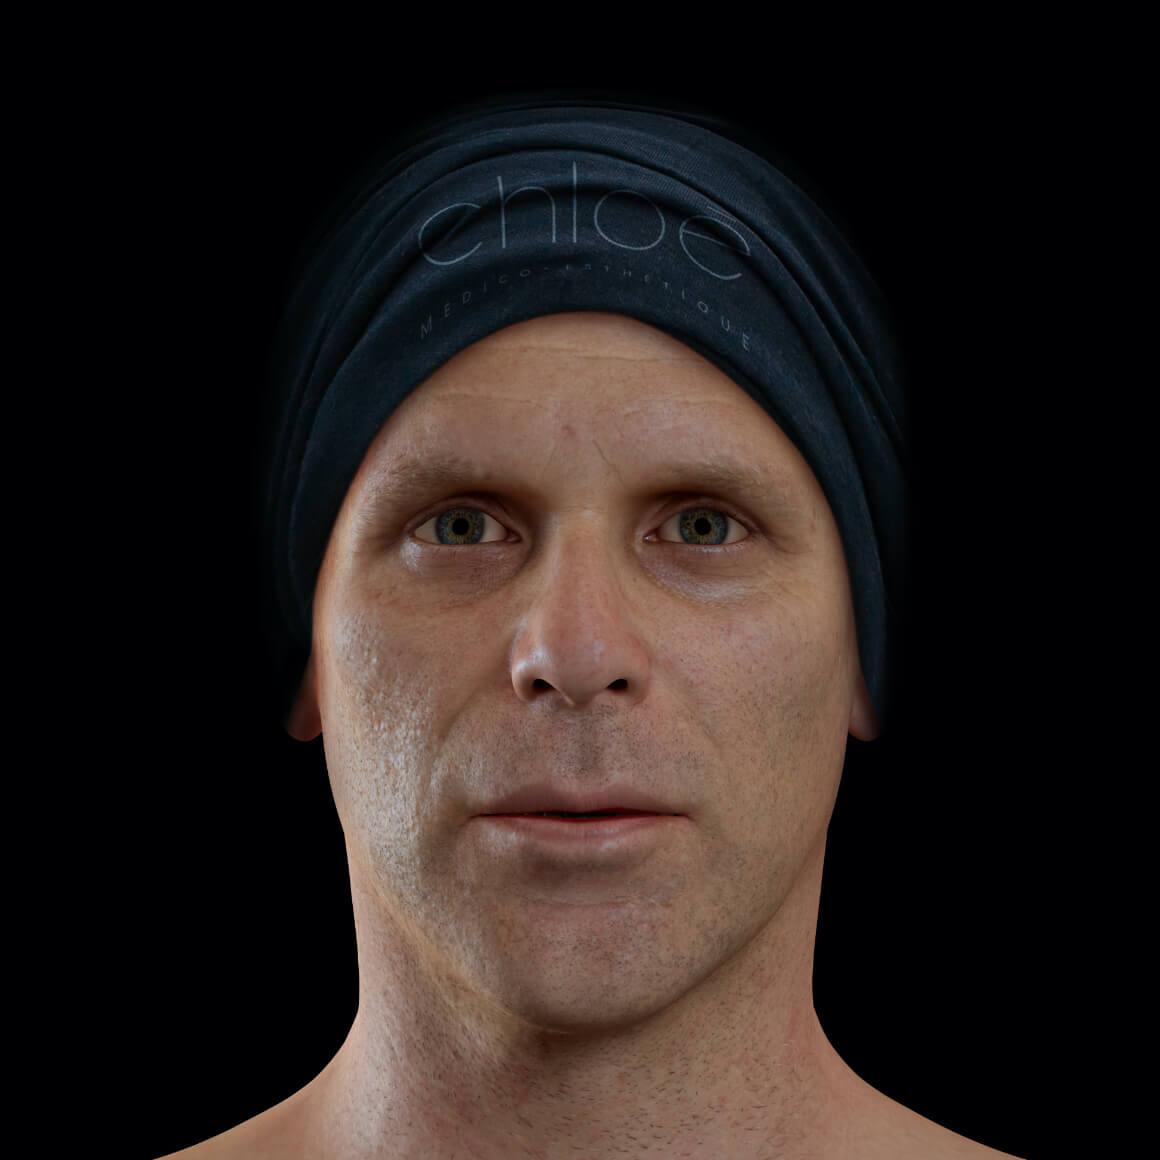 Patient de la Clinique Chloé de face après des traitements de microneedling pour traiter des cicatrices d'acné au visage